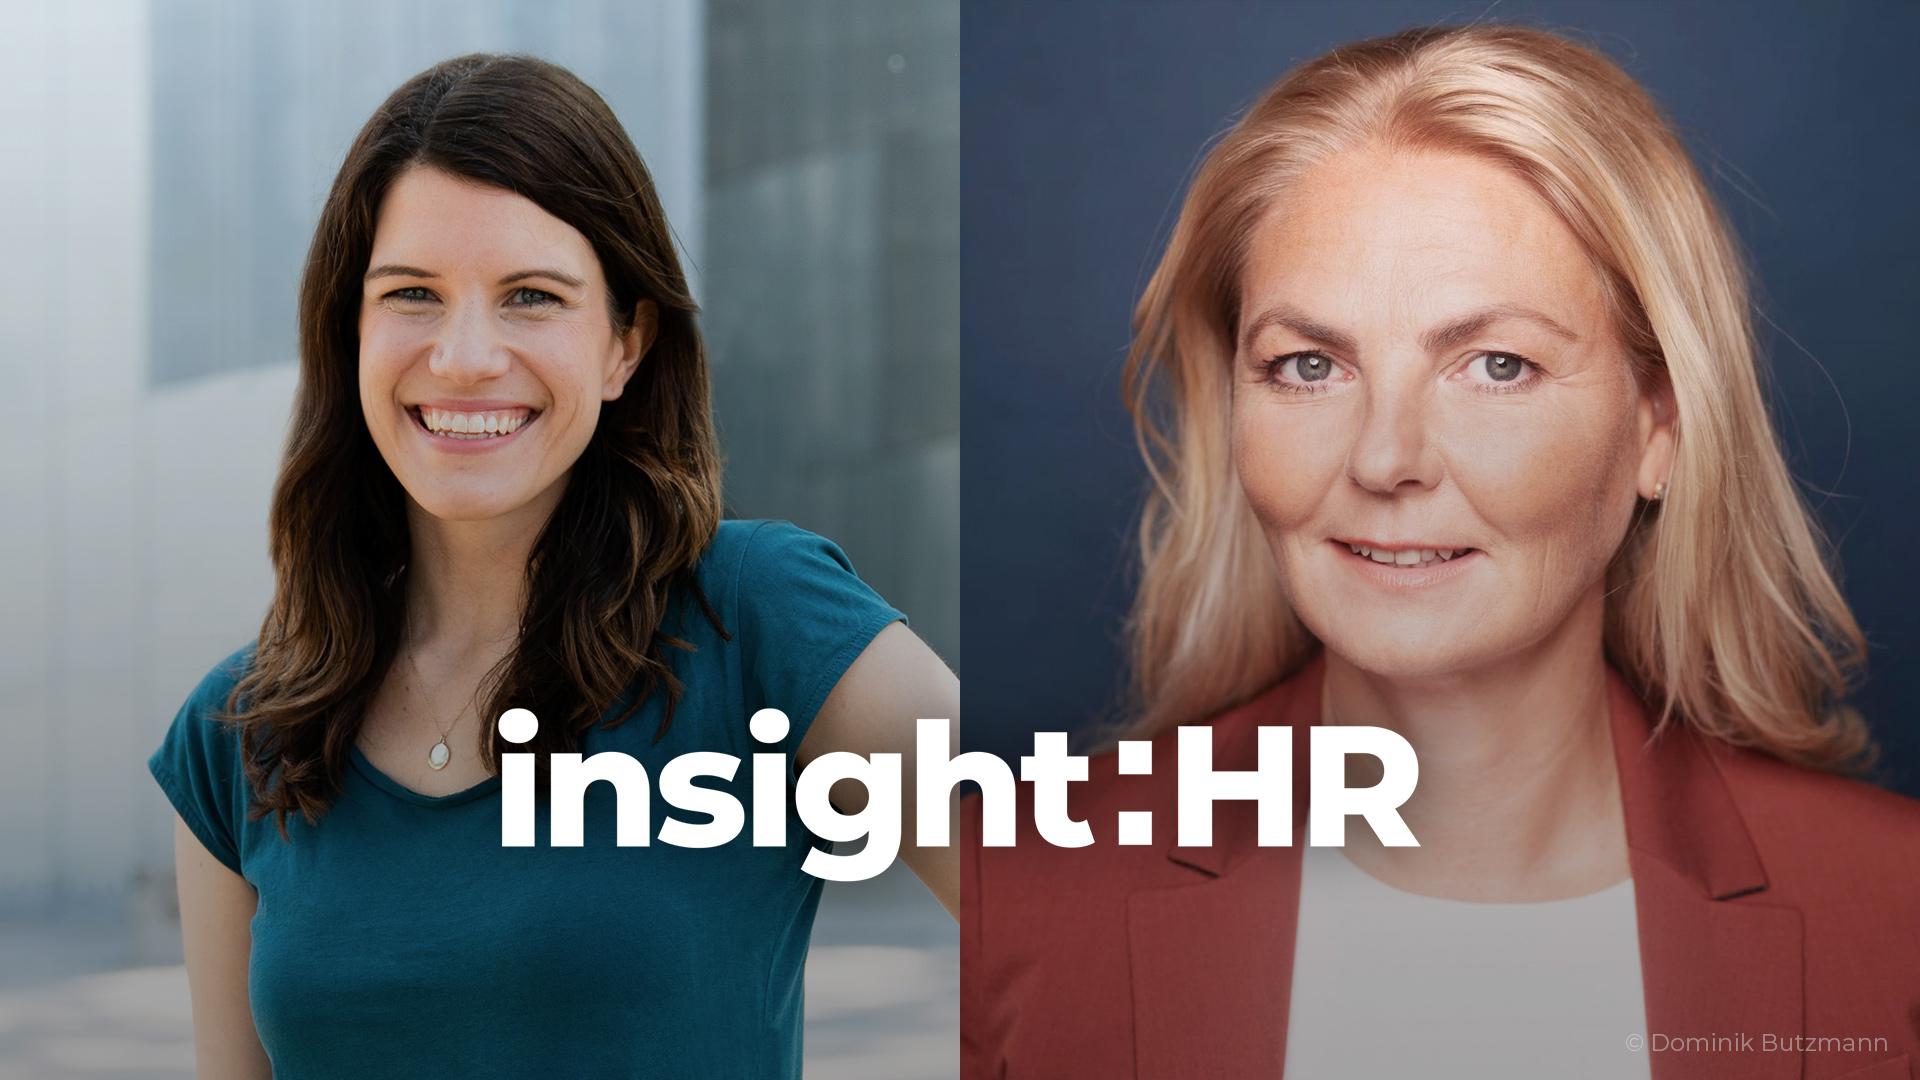 Auf der linken Seite des Bildes ist Eva Stock abgebildet (braune Haare, grünes T-Shirt), rechts Ana-Christina Grohnert mit weißem Shirt und rotem Blazer. Beide Frauen lachen in die Kamera.